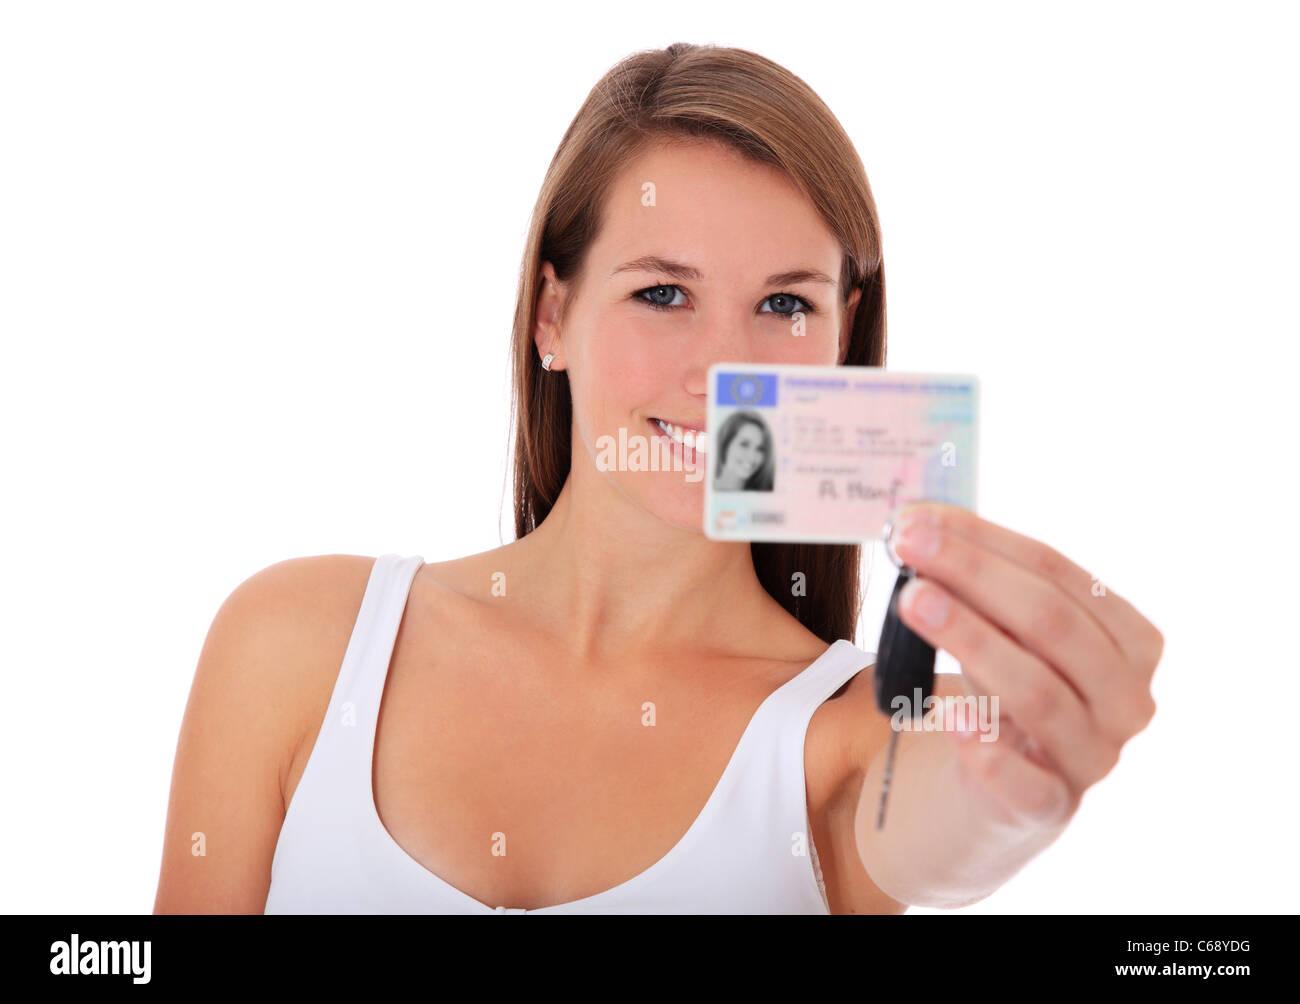 Mujer joven presentando su licencia de conductor. Todo sobre fondo blanco. Imagen De Stock